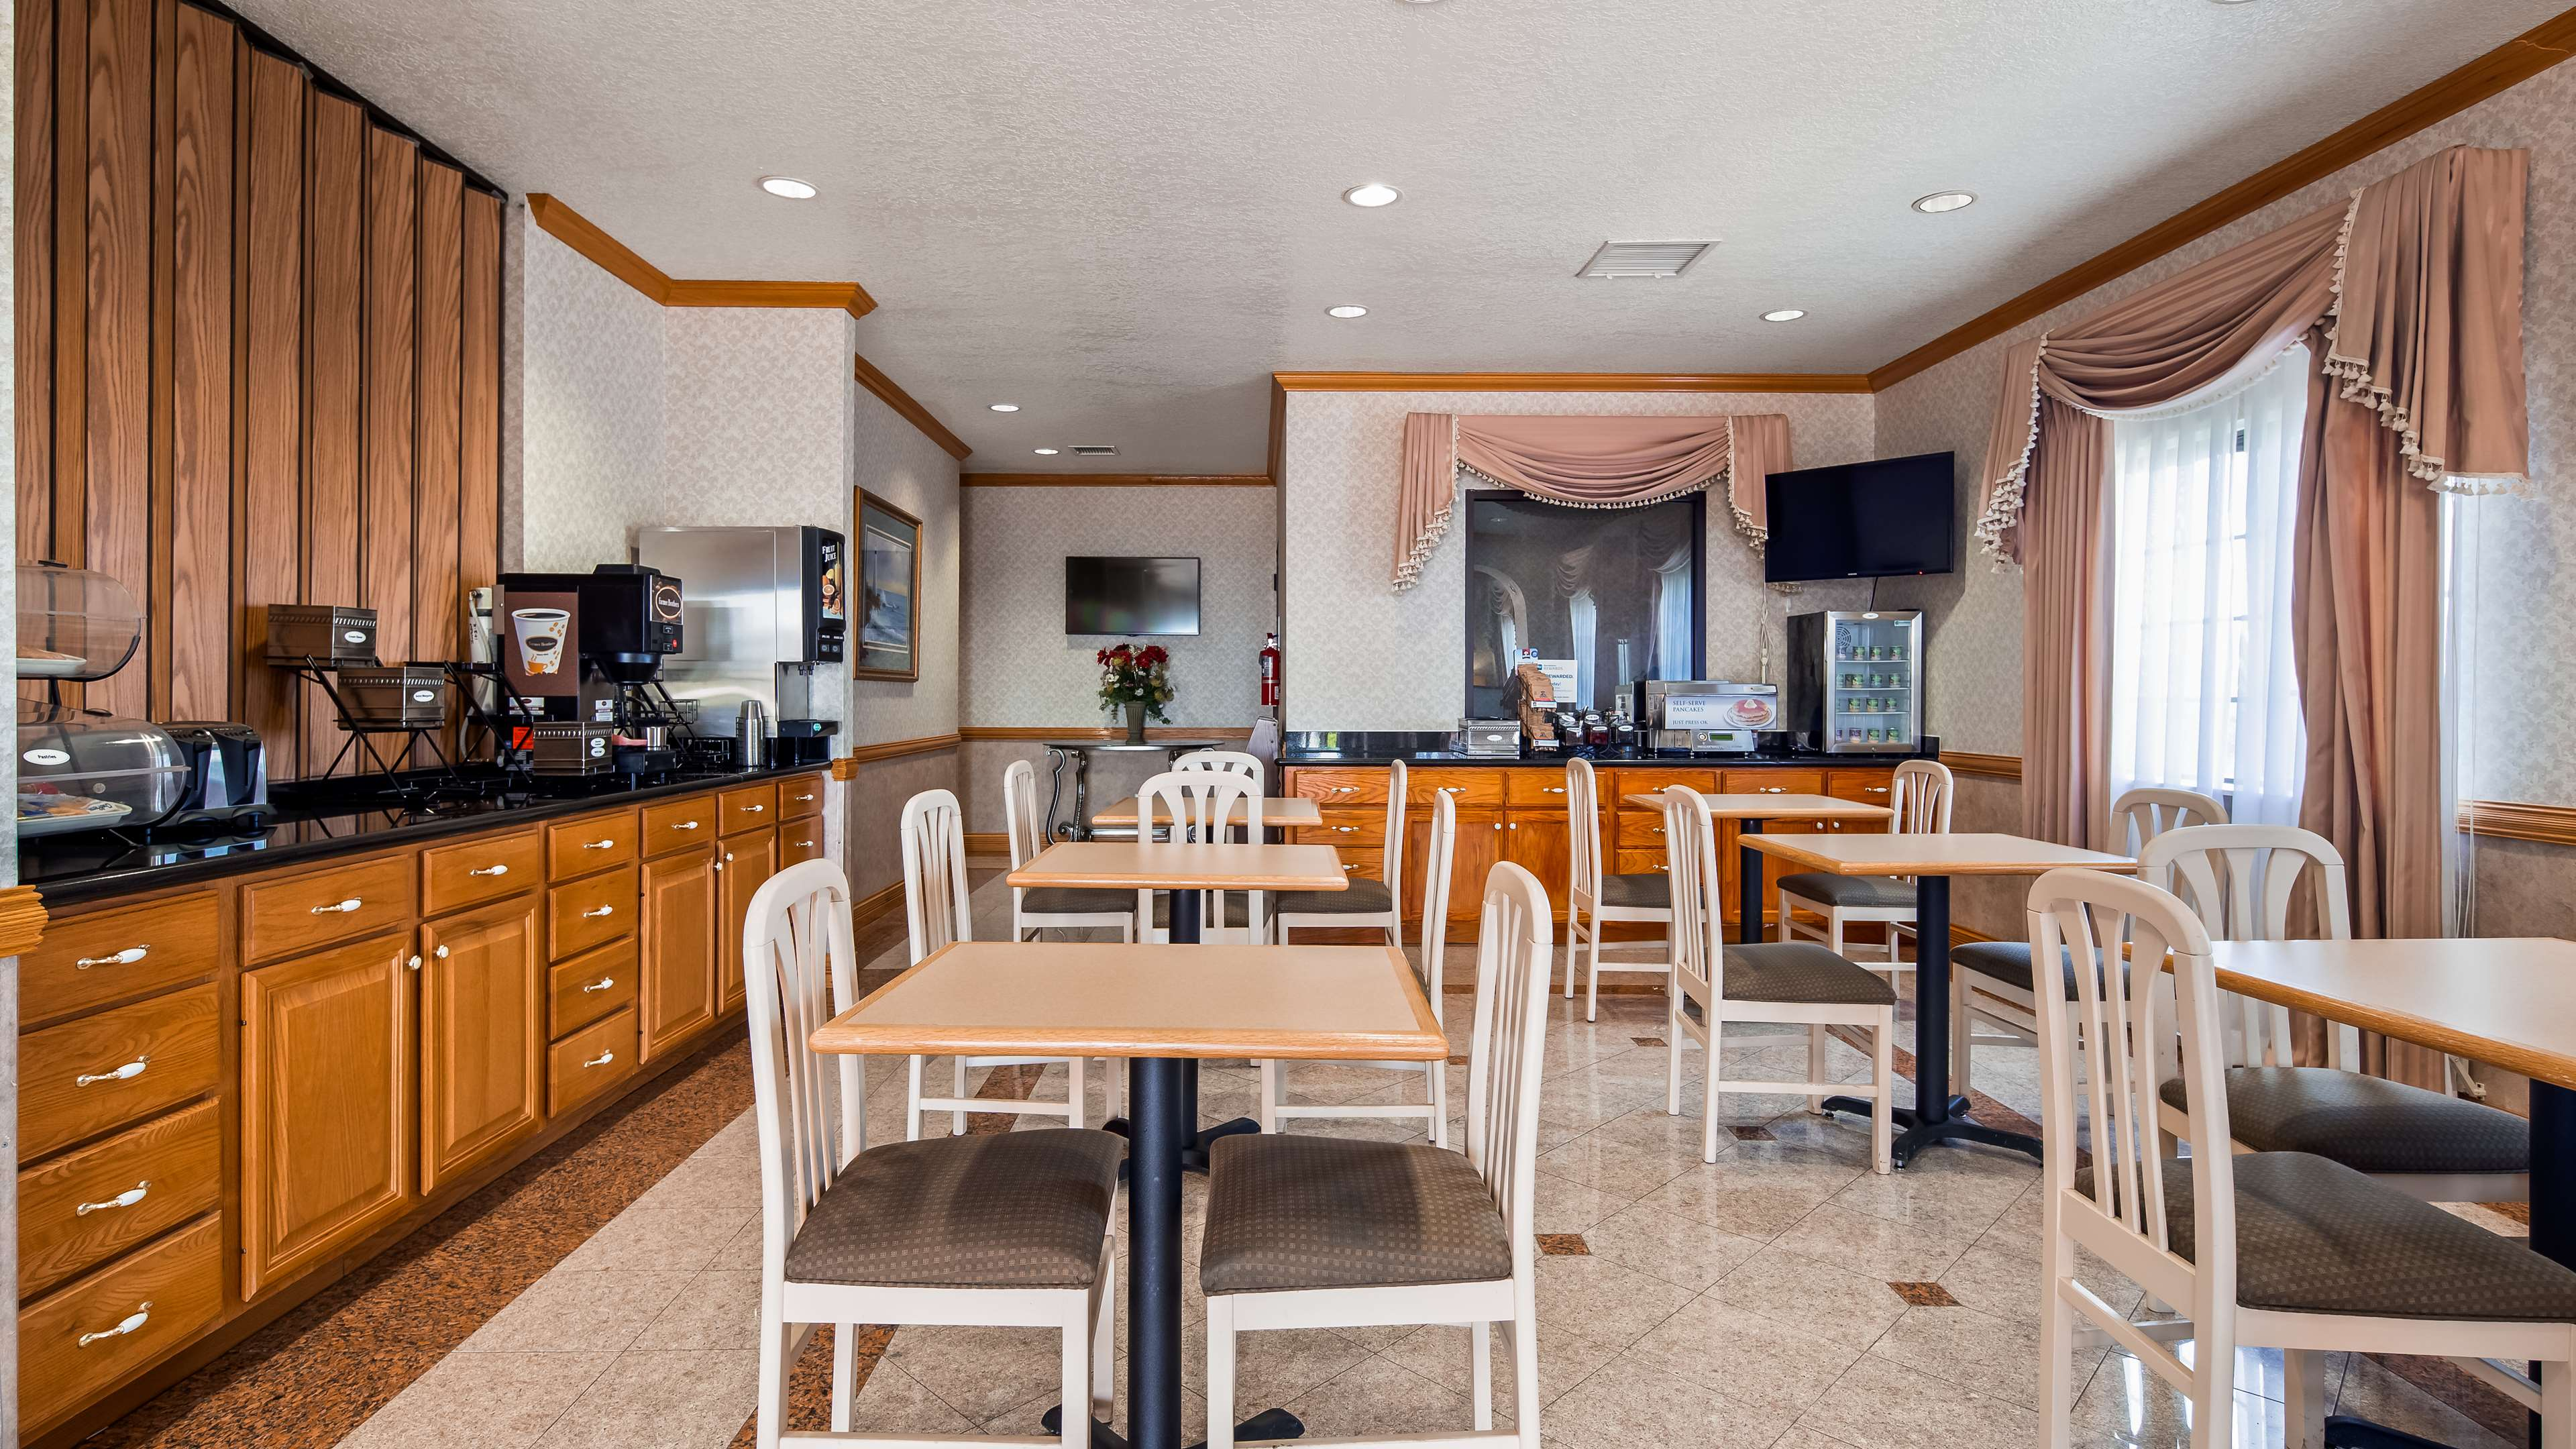 SureStay Hotel by Best Western Falfurrias image 5